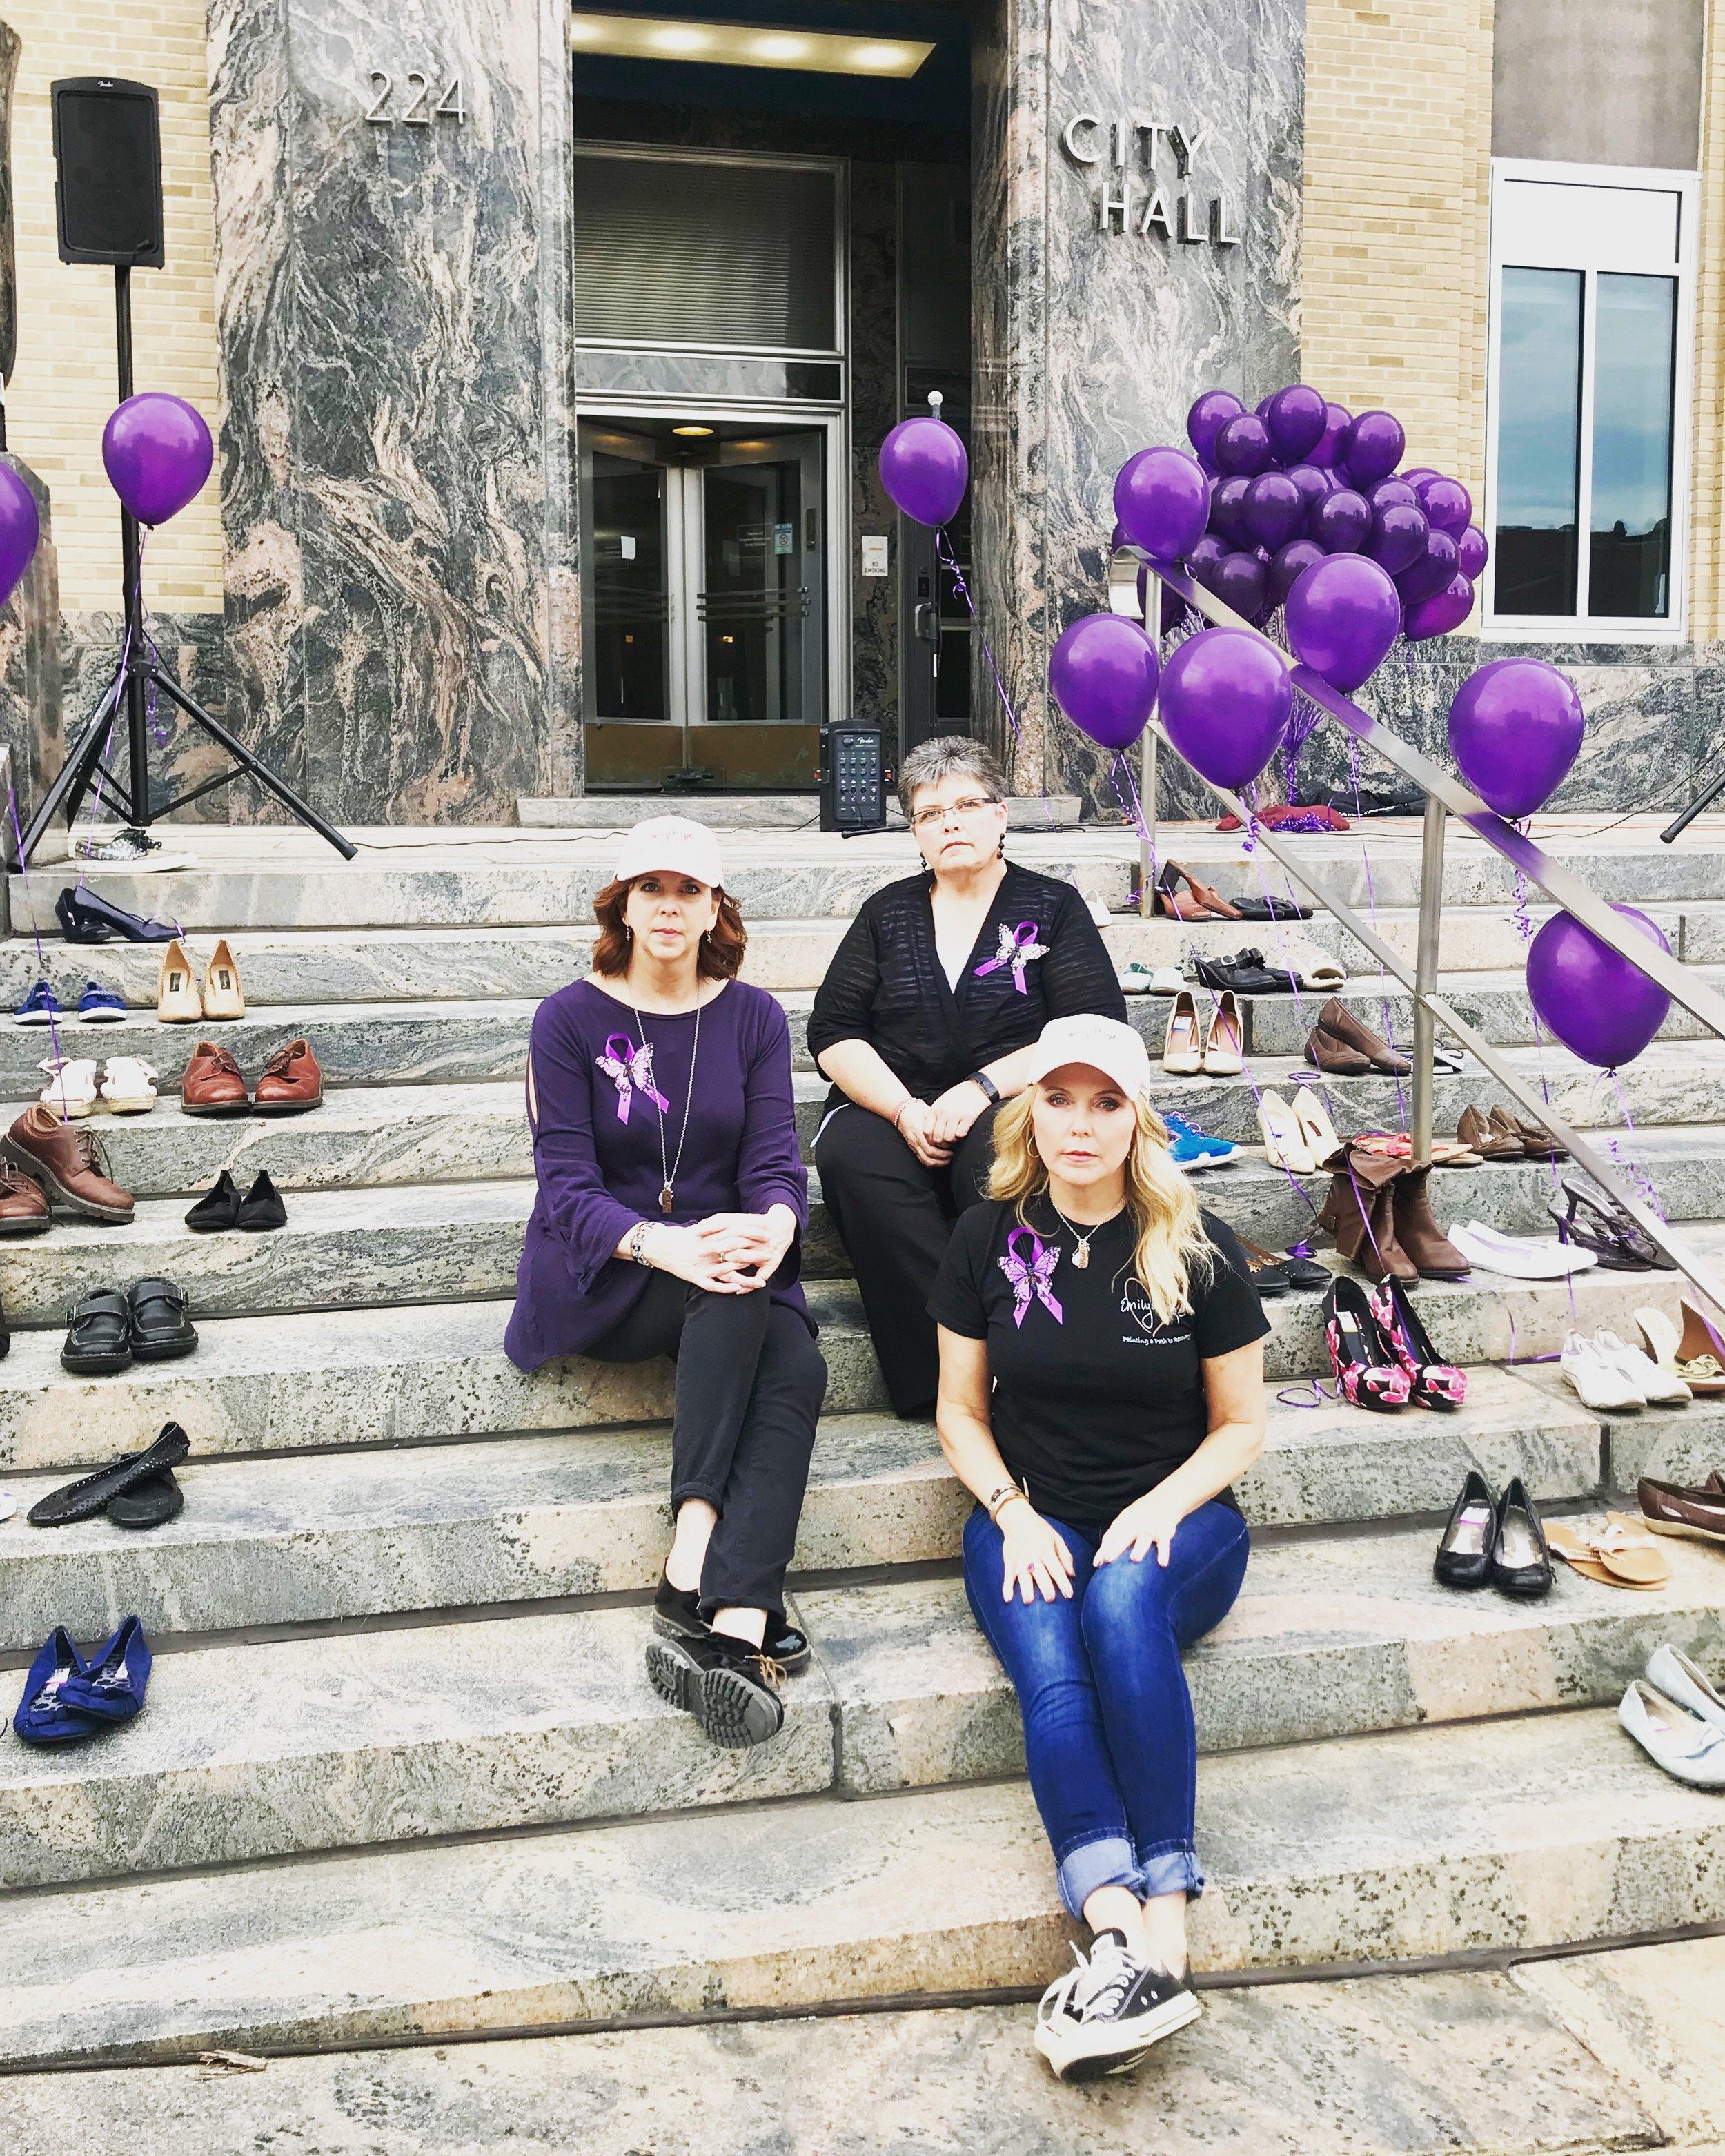 Three moms united - Three children lost to fentanyl poisoning